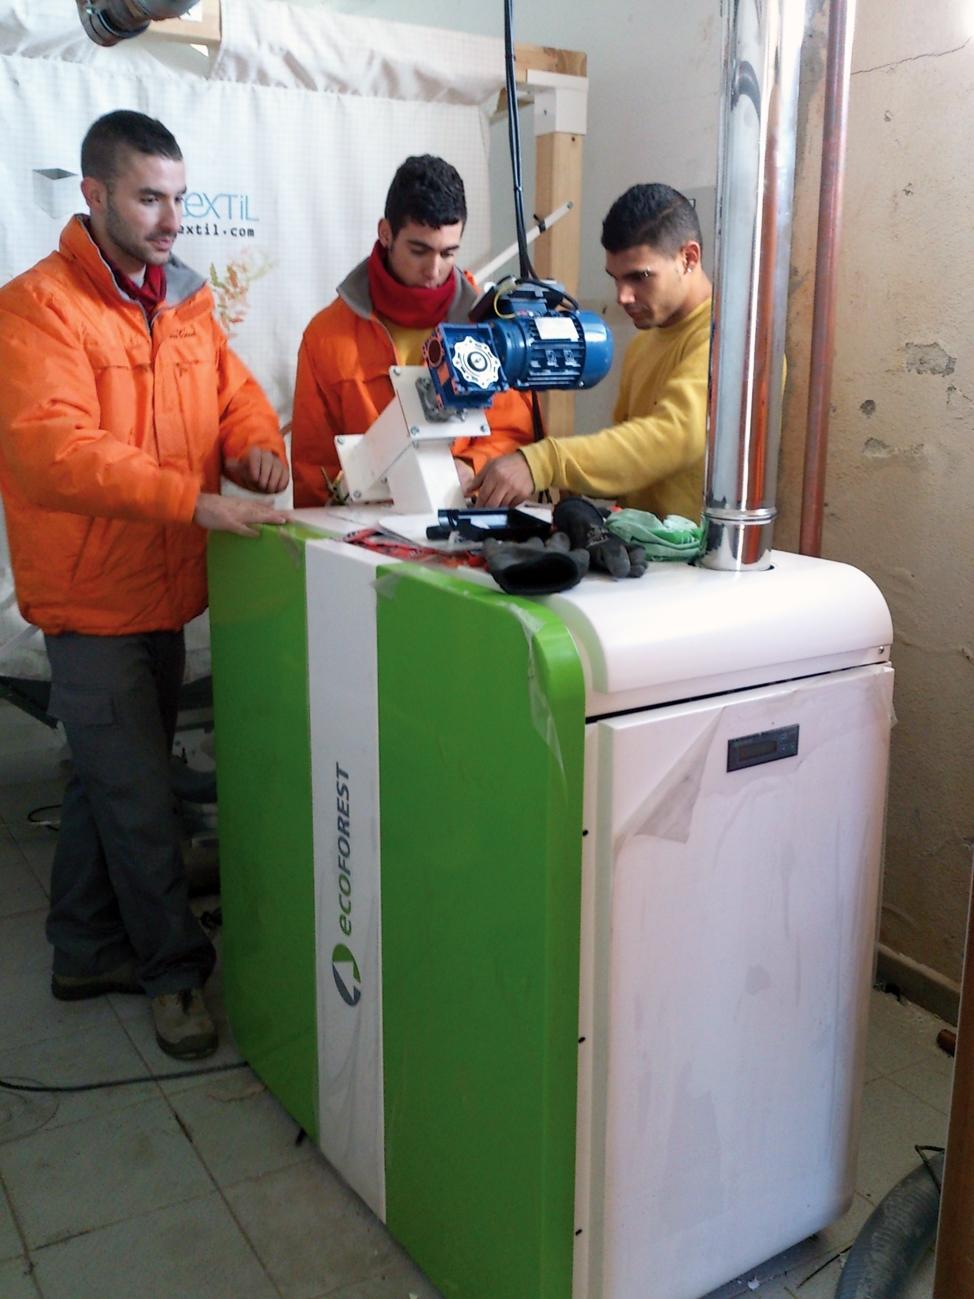 Les calderes de biomassa, un dels ganxos de la Fira